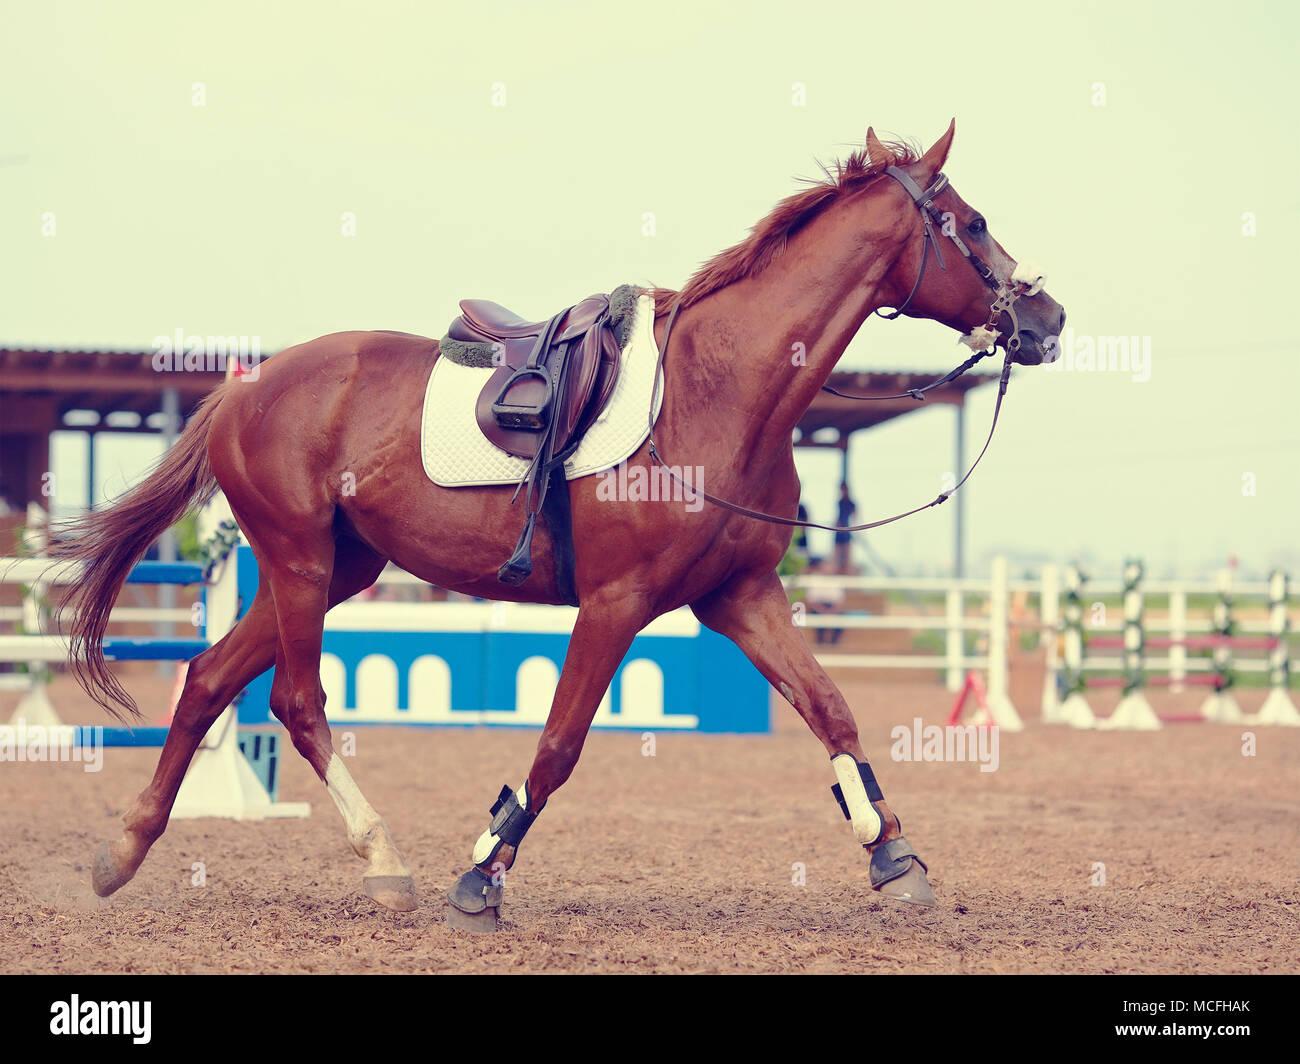 Il cavallo sportivo trot nel campo per le competizioni. Immagini Stock